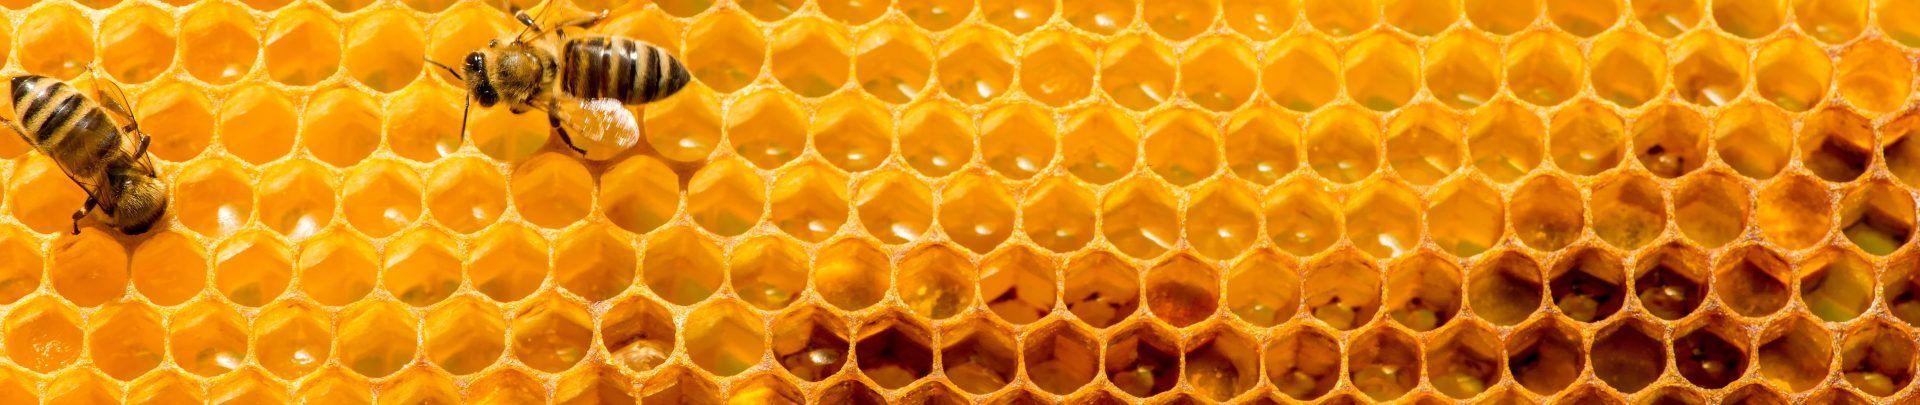 Foto: Bienen auf einer Honigwabe